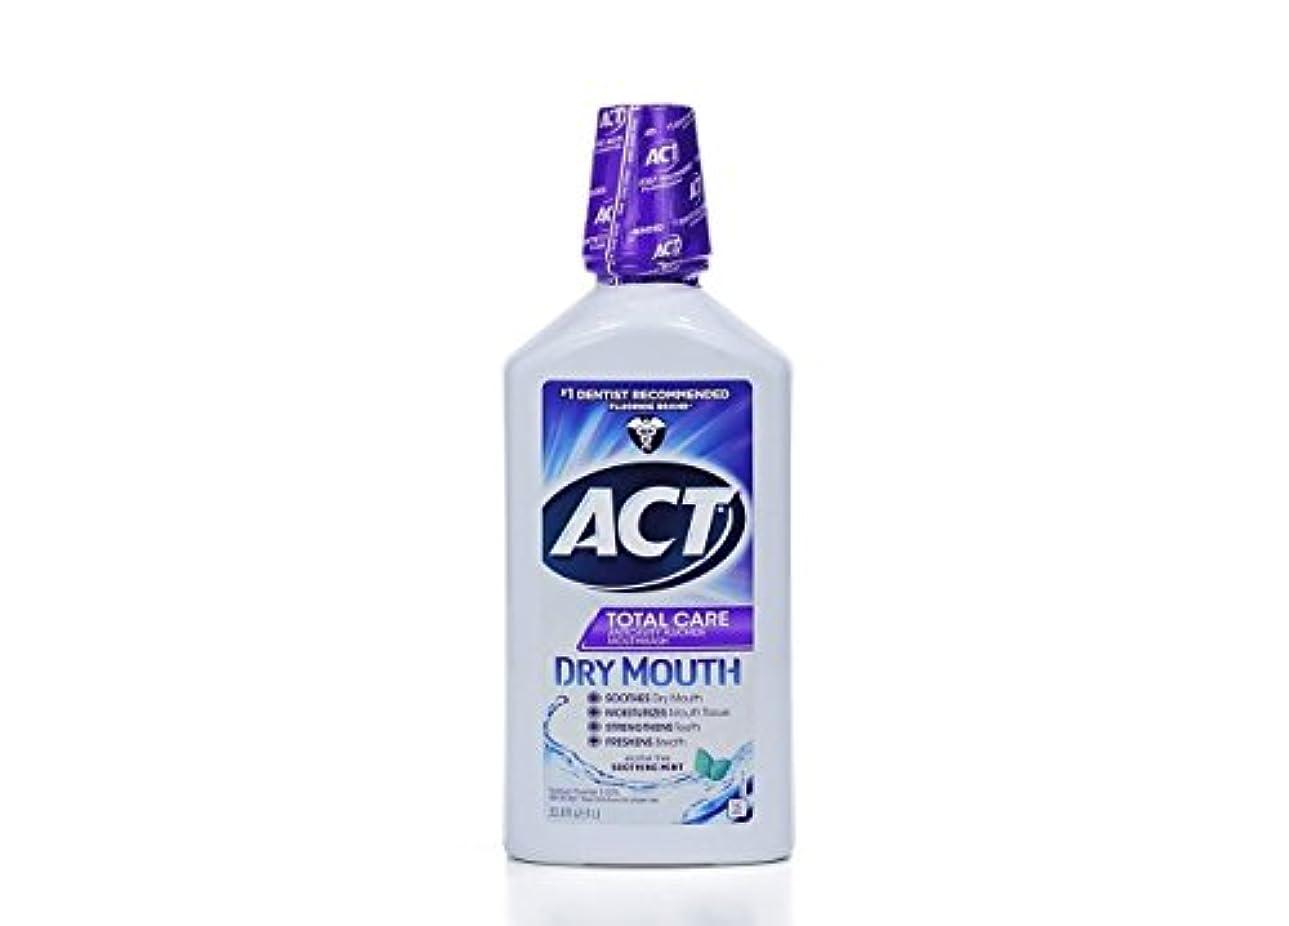 約束する地上のフィヨルドCHATTEM社 ACT トータル ケア抗虫歯フッ化物リンス 口褐用 33.8fl.oz